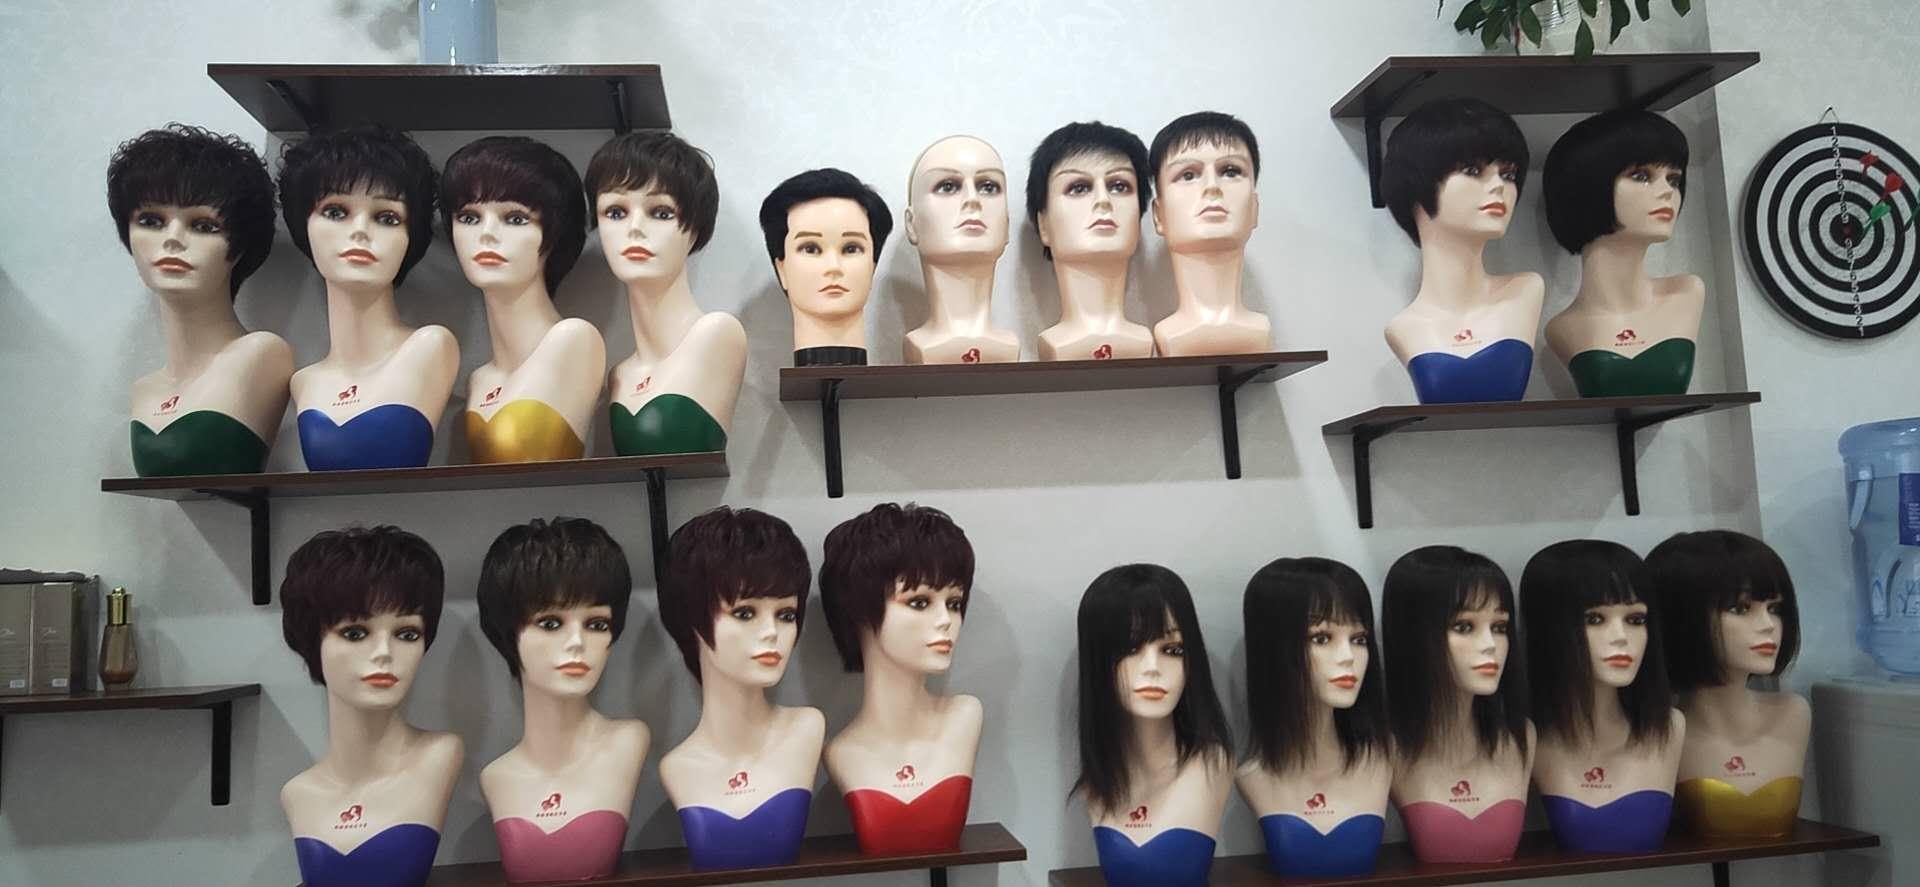 京山假发店长期招织发员